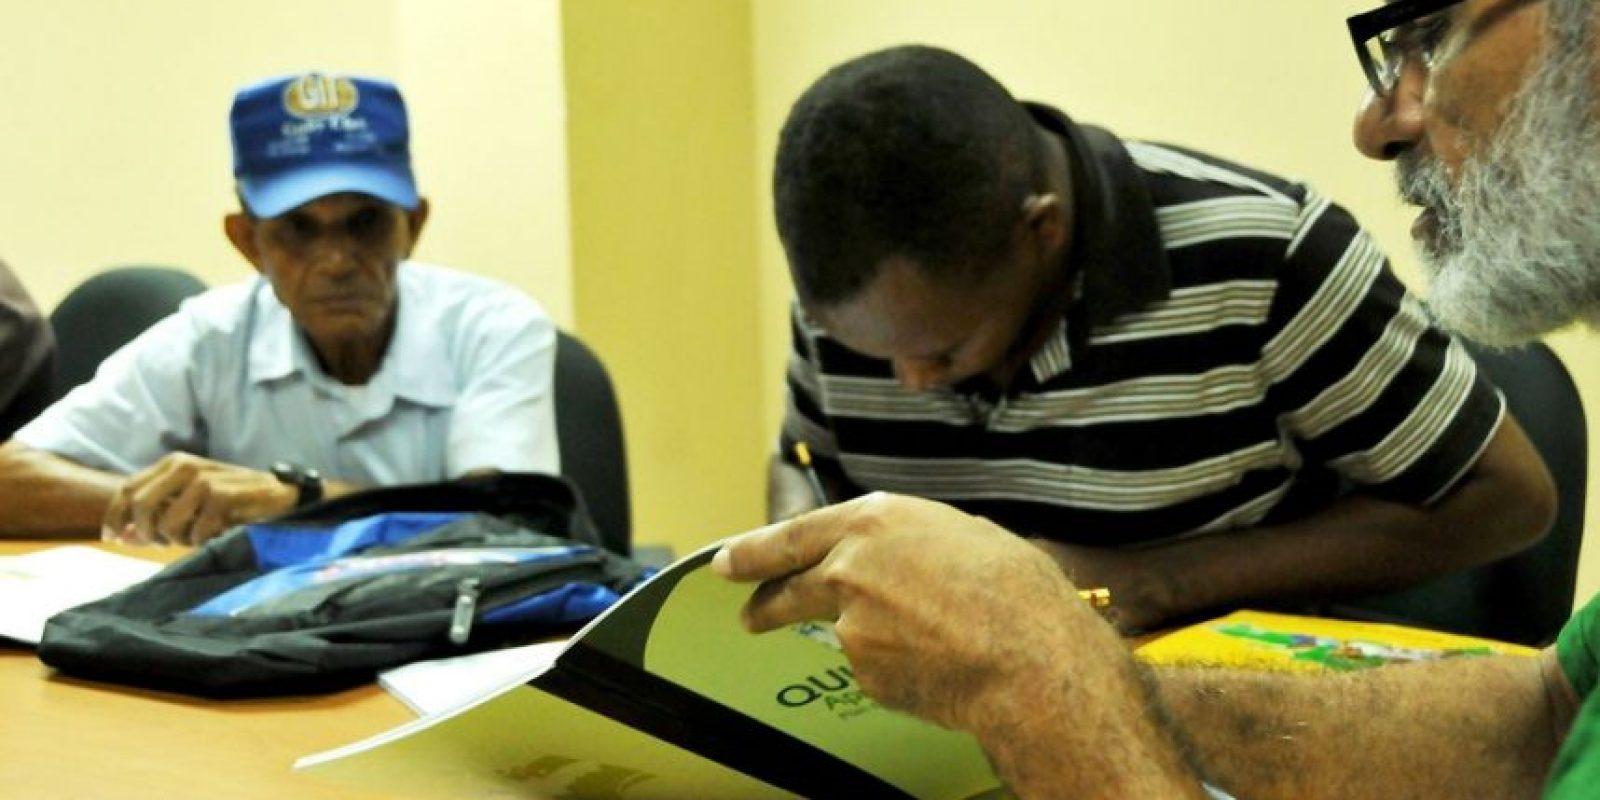 Unas 851 personas no sabían leer ni escribir, según el censo de 2010. Foto:Fuente externa